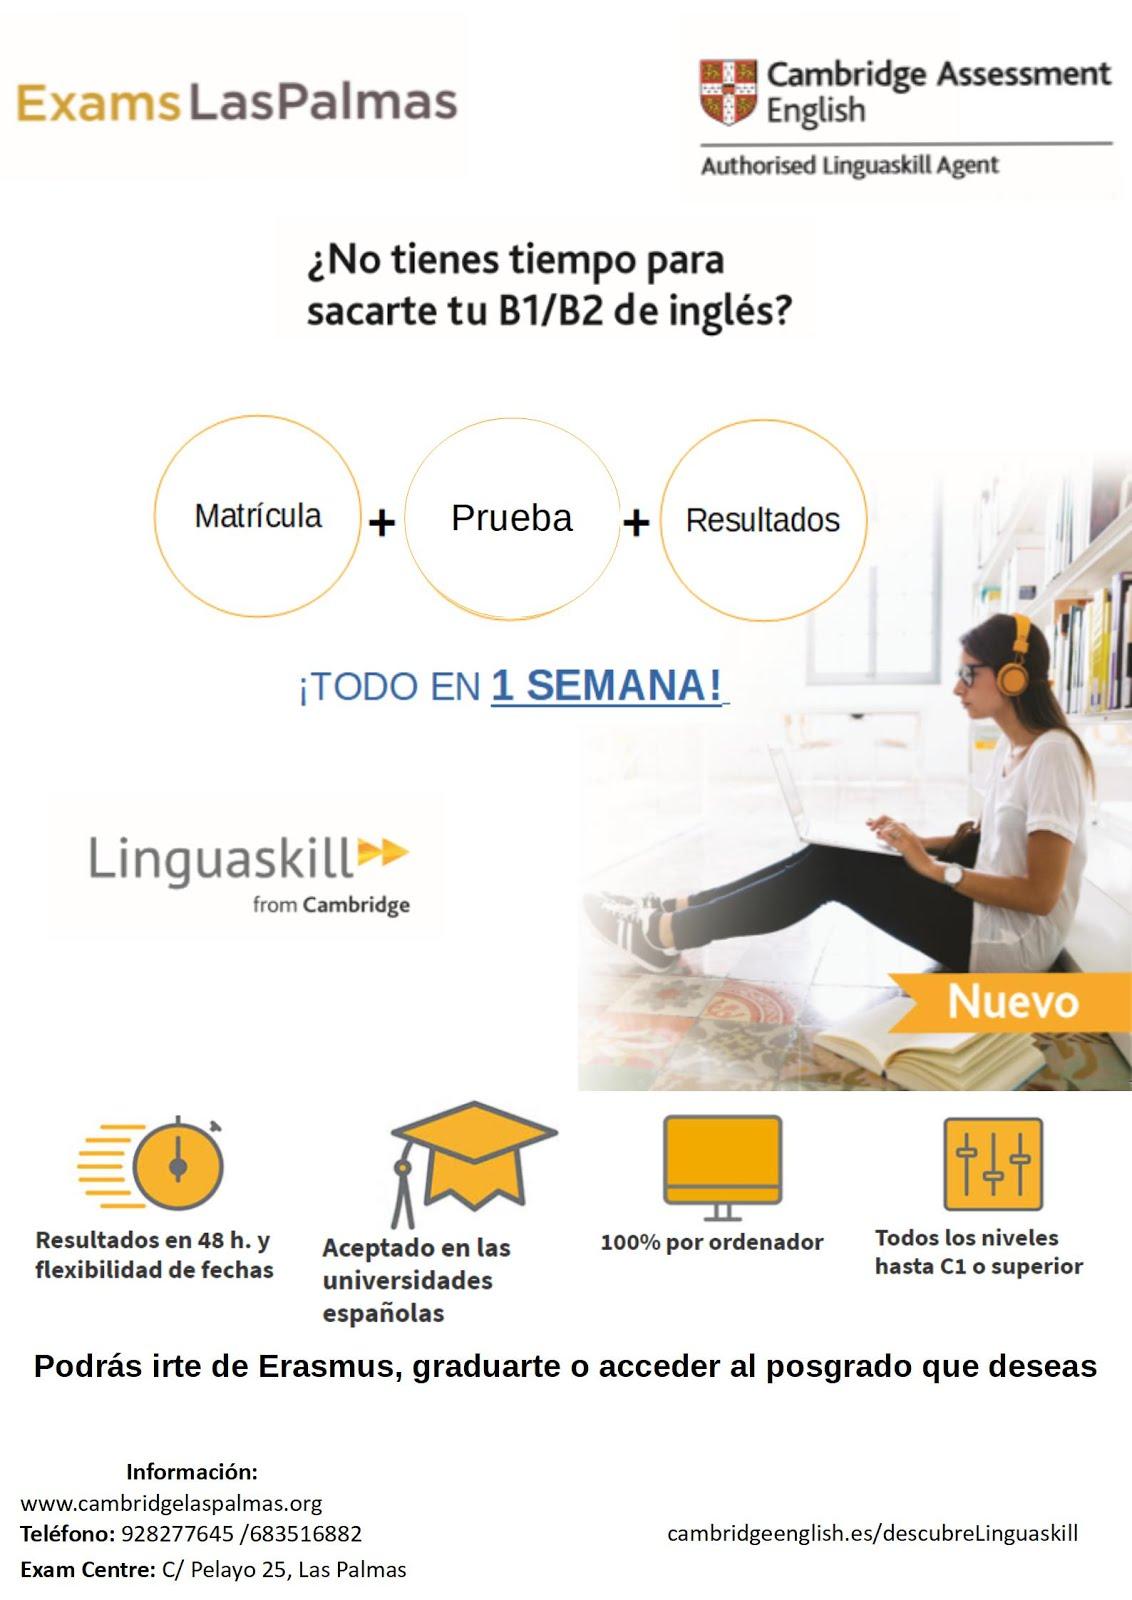 ¡SOMOS AGENTES OFICIALES DE LINGUASKILL!